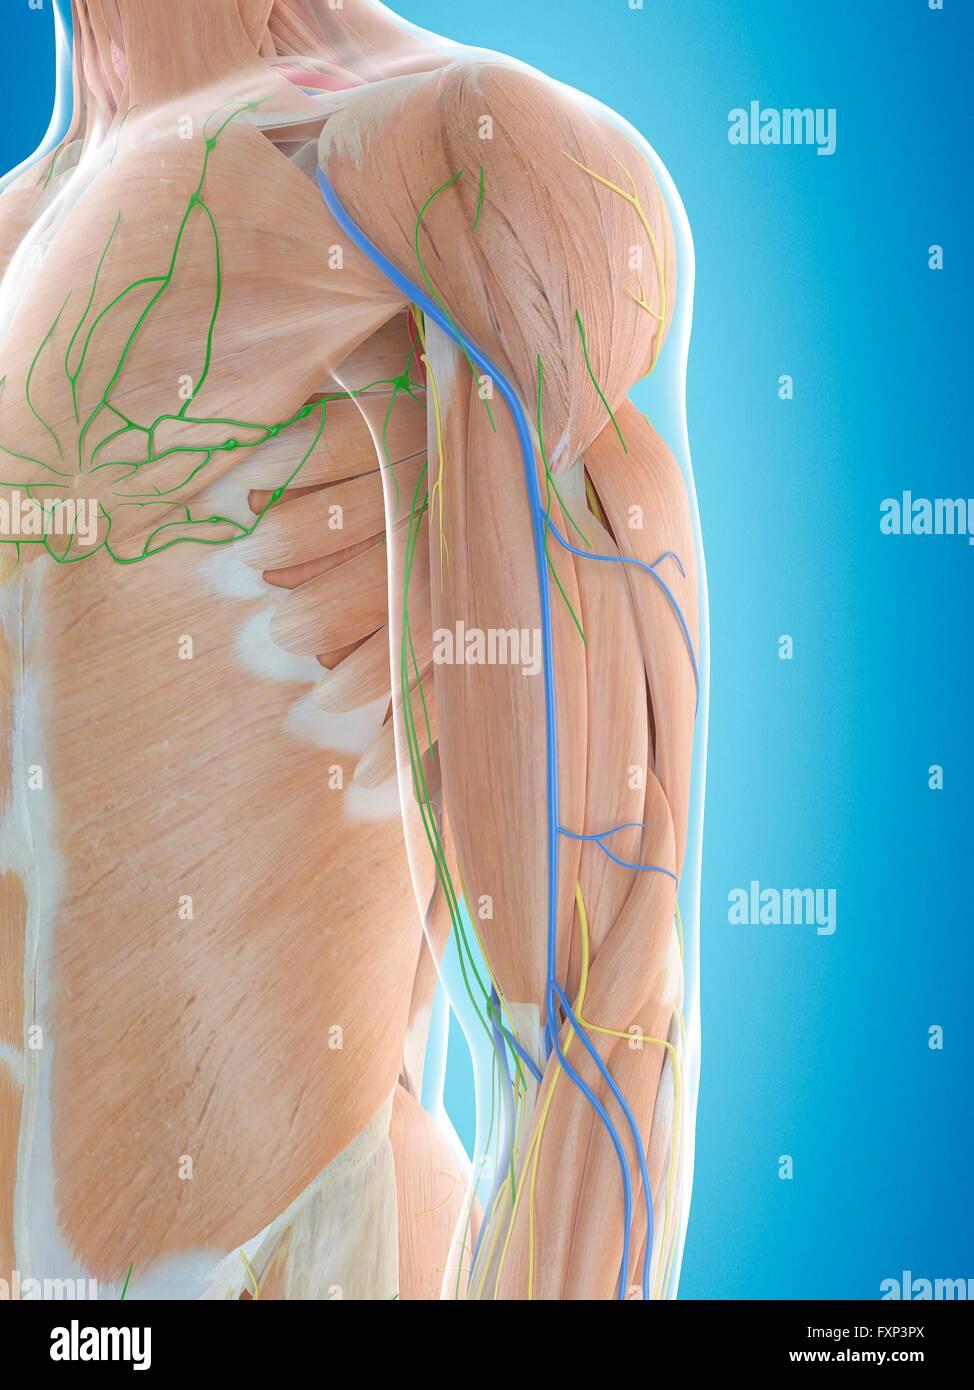 Tolle Schulter Komplexe Anatomie Fotos - Menschliche Anatomie Bilder ...